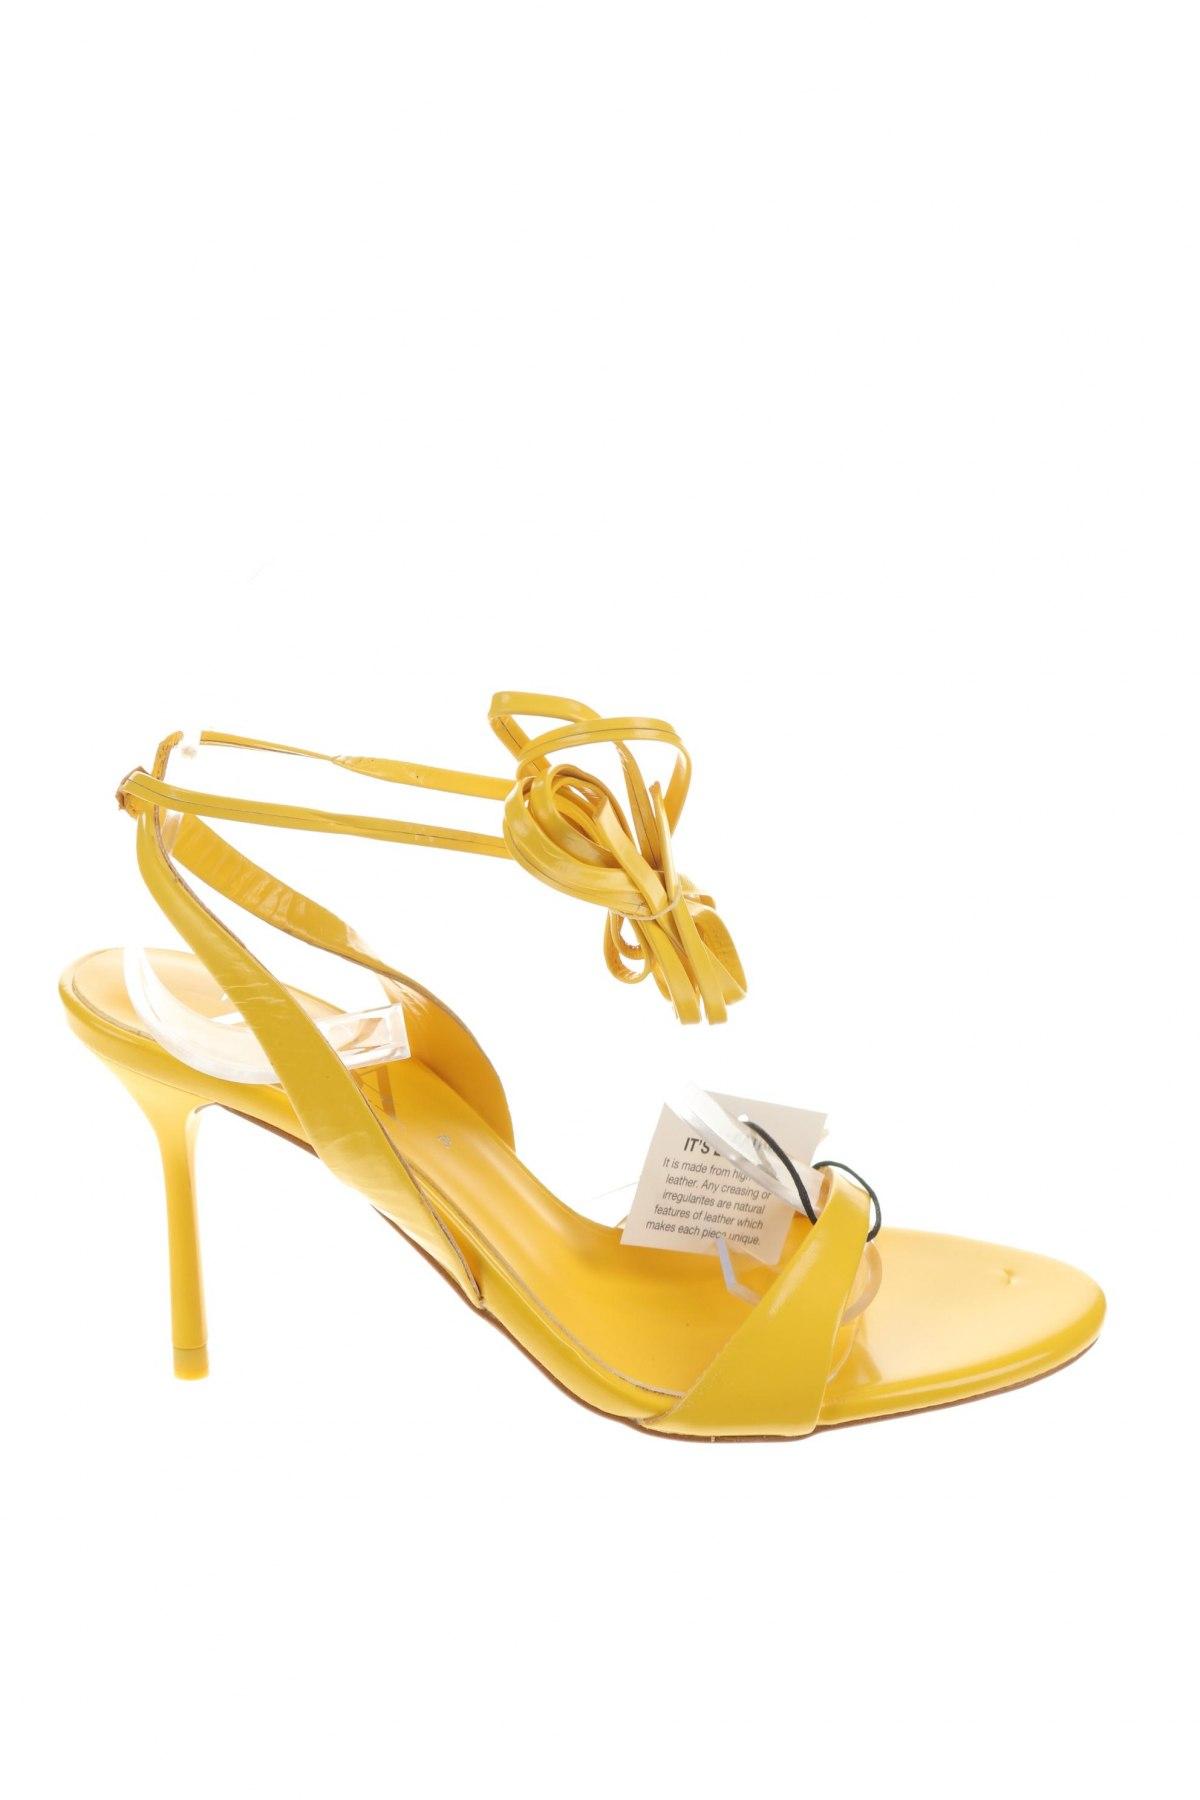 Σανδάλια Zara, Μέγεθος 36, Χρώμα Κίτρινο, Γνήσιο δέρμα, Τιμή 27,83€